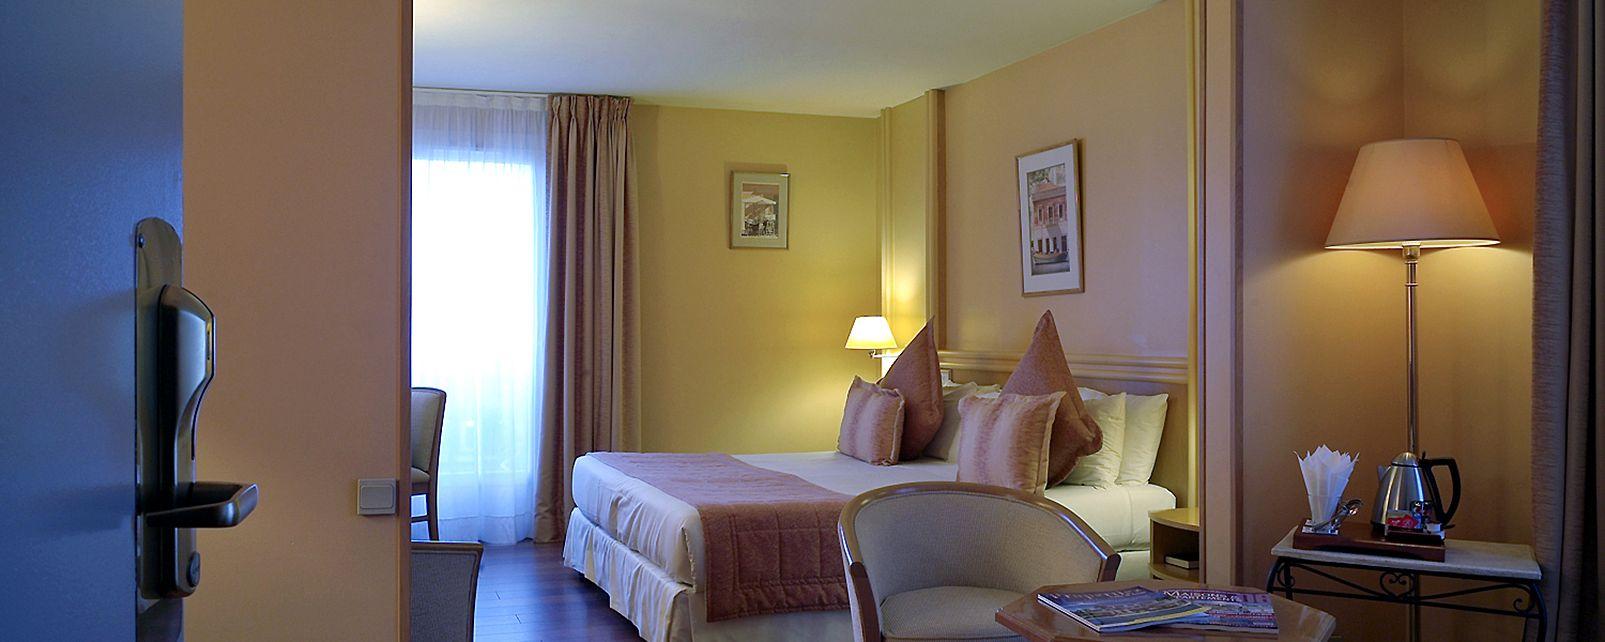 Hôtel Grand Hotel Mercure Croisette Beach Hotel